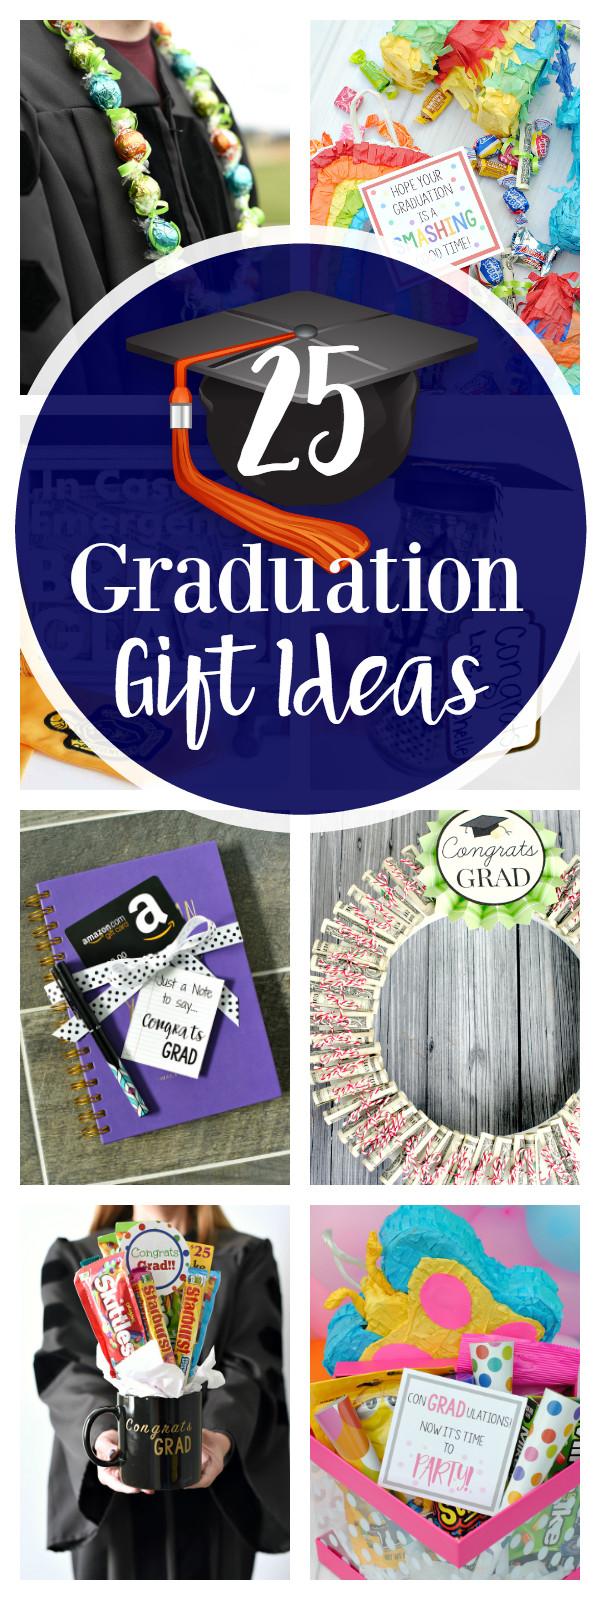 Graduation Gift Ideas College Grads  25 Fun & Unique Graduation Gifts – Fun Squared